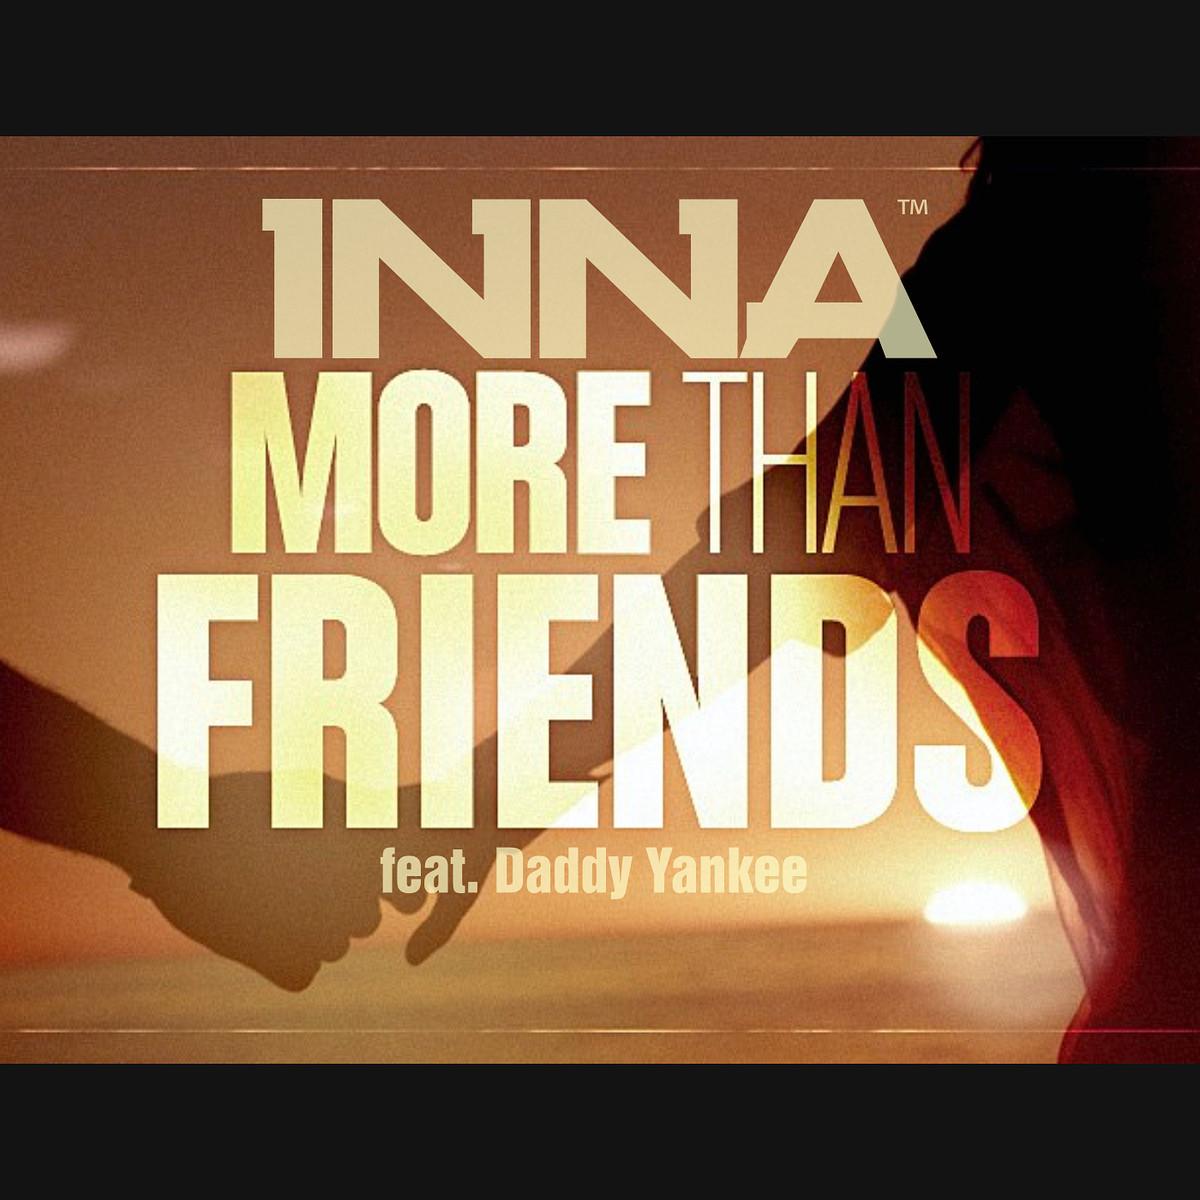 http://2.bp.blogspot.com/-sS88IjXMN2M/UQJHT087FbI/AAAAAAAAPEk/PQKoyz_WmE4/s1600/INNA-More-Than-Friends-feat.-Daddy-Yankee-2013-1200x1200.png